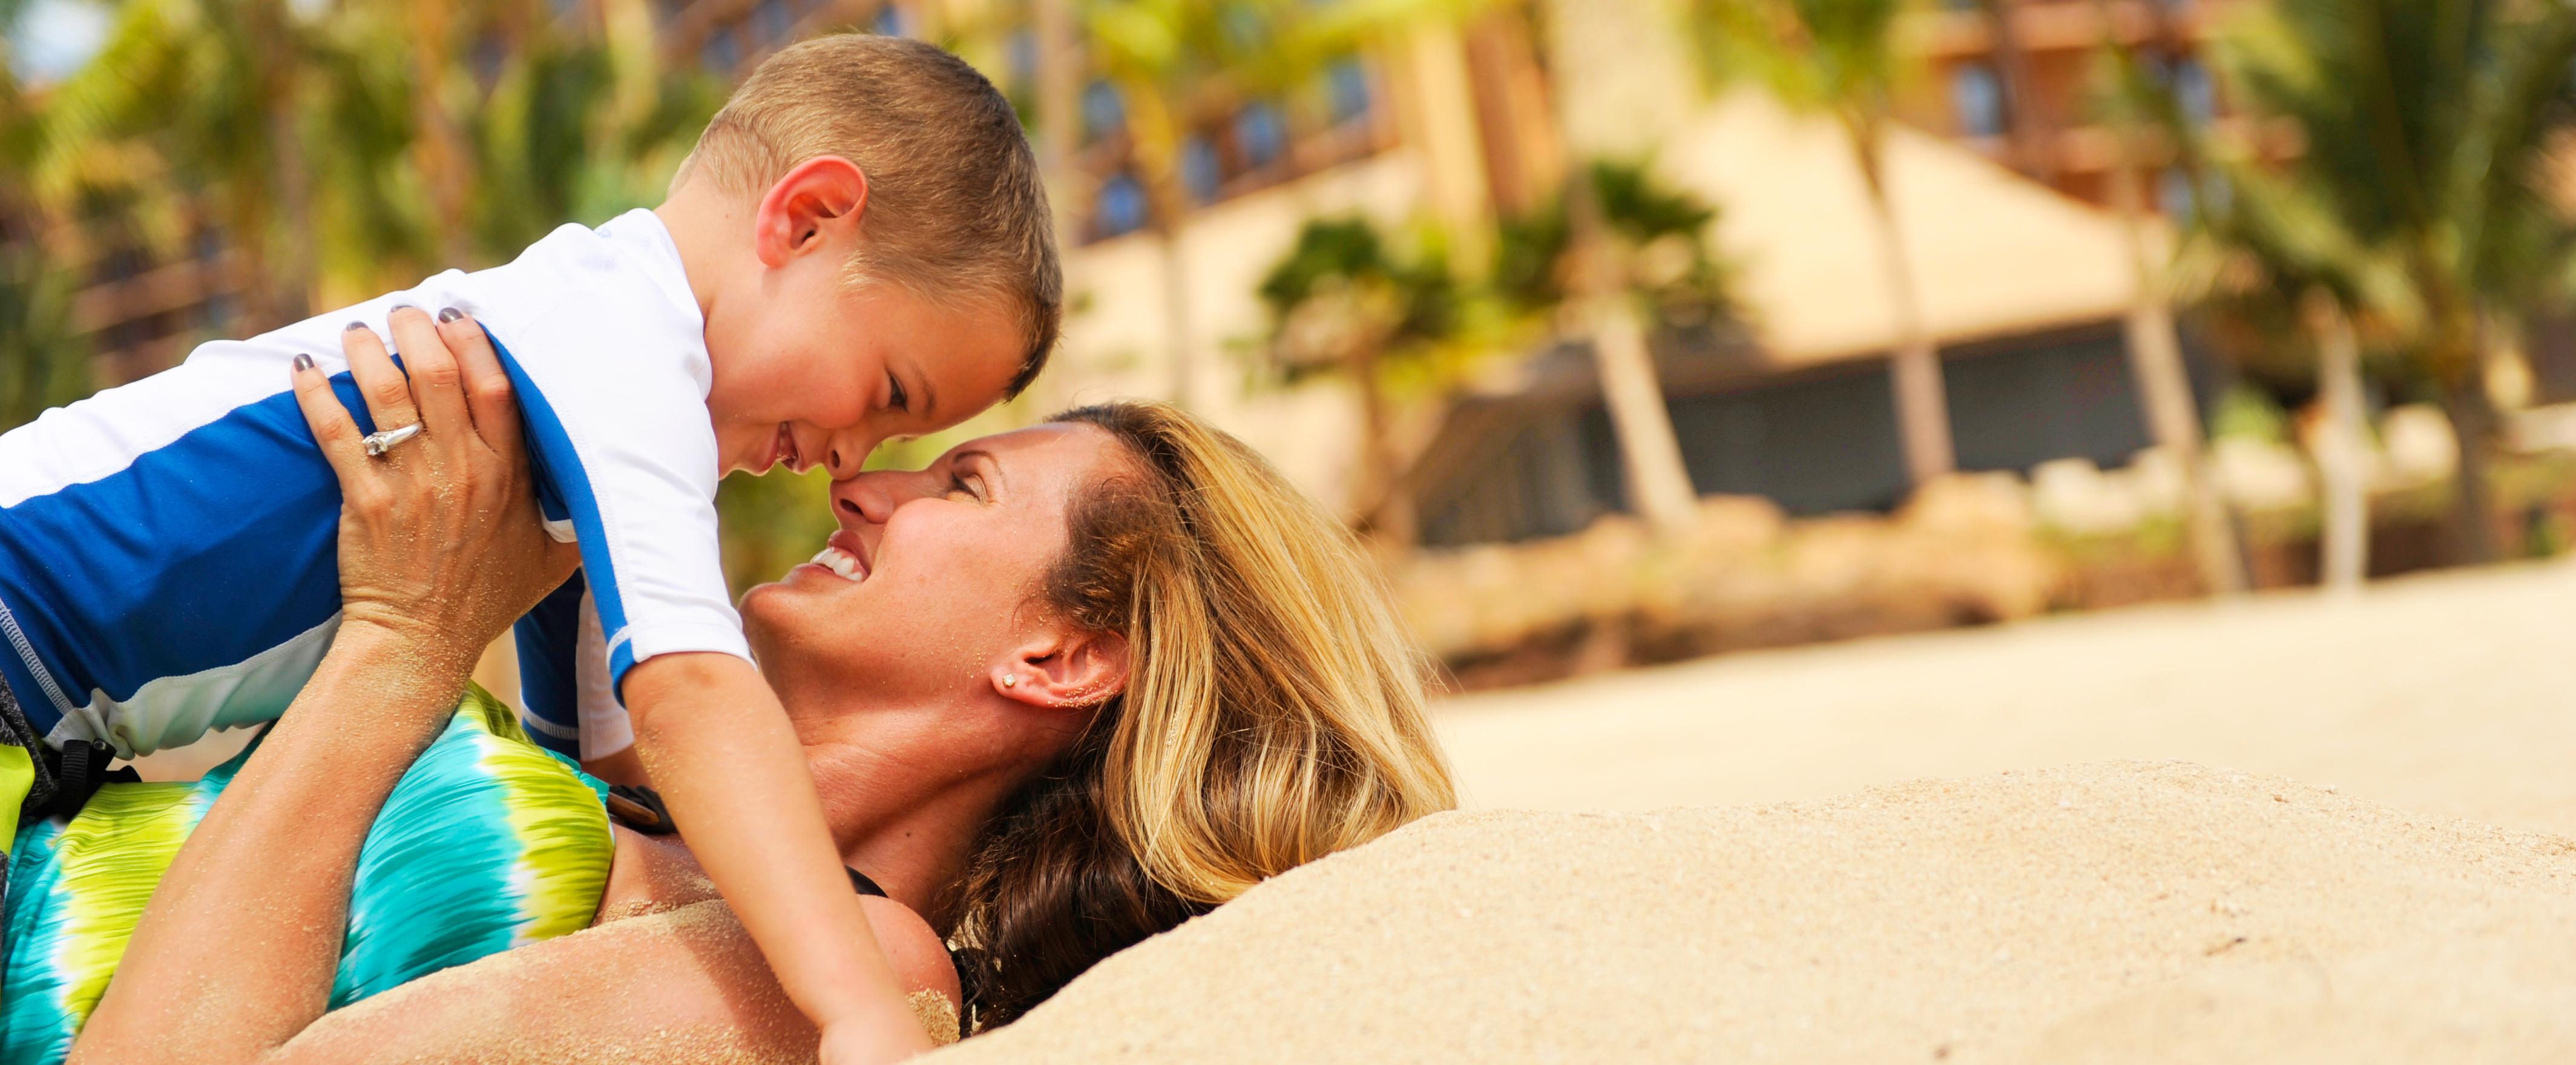 ビーチで息子と遊ぶ母親